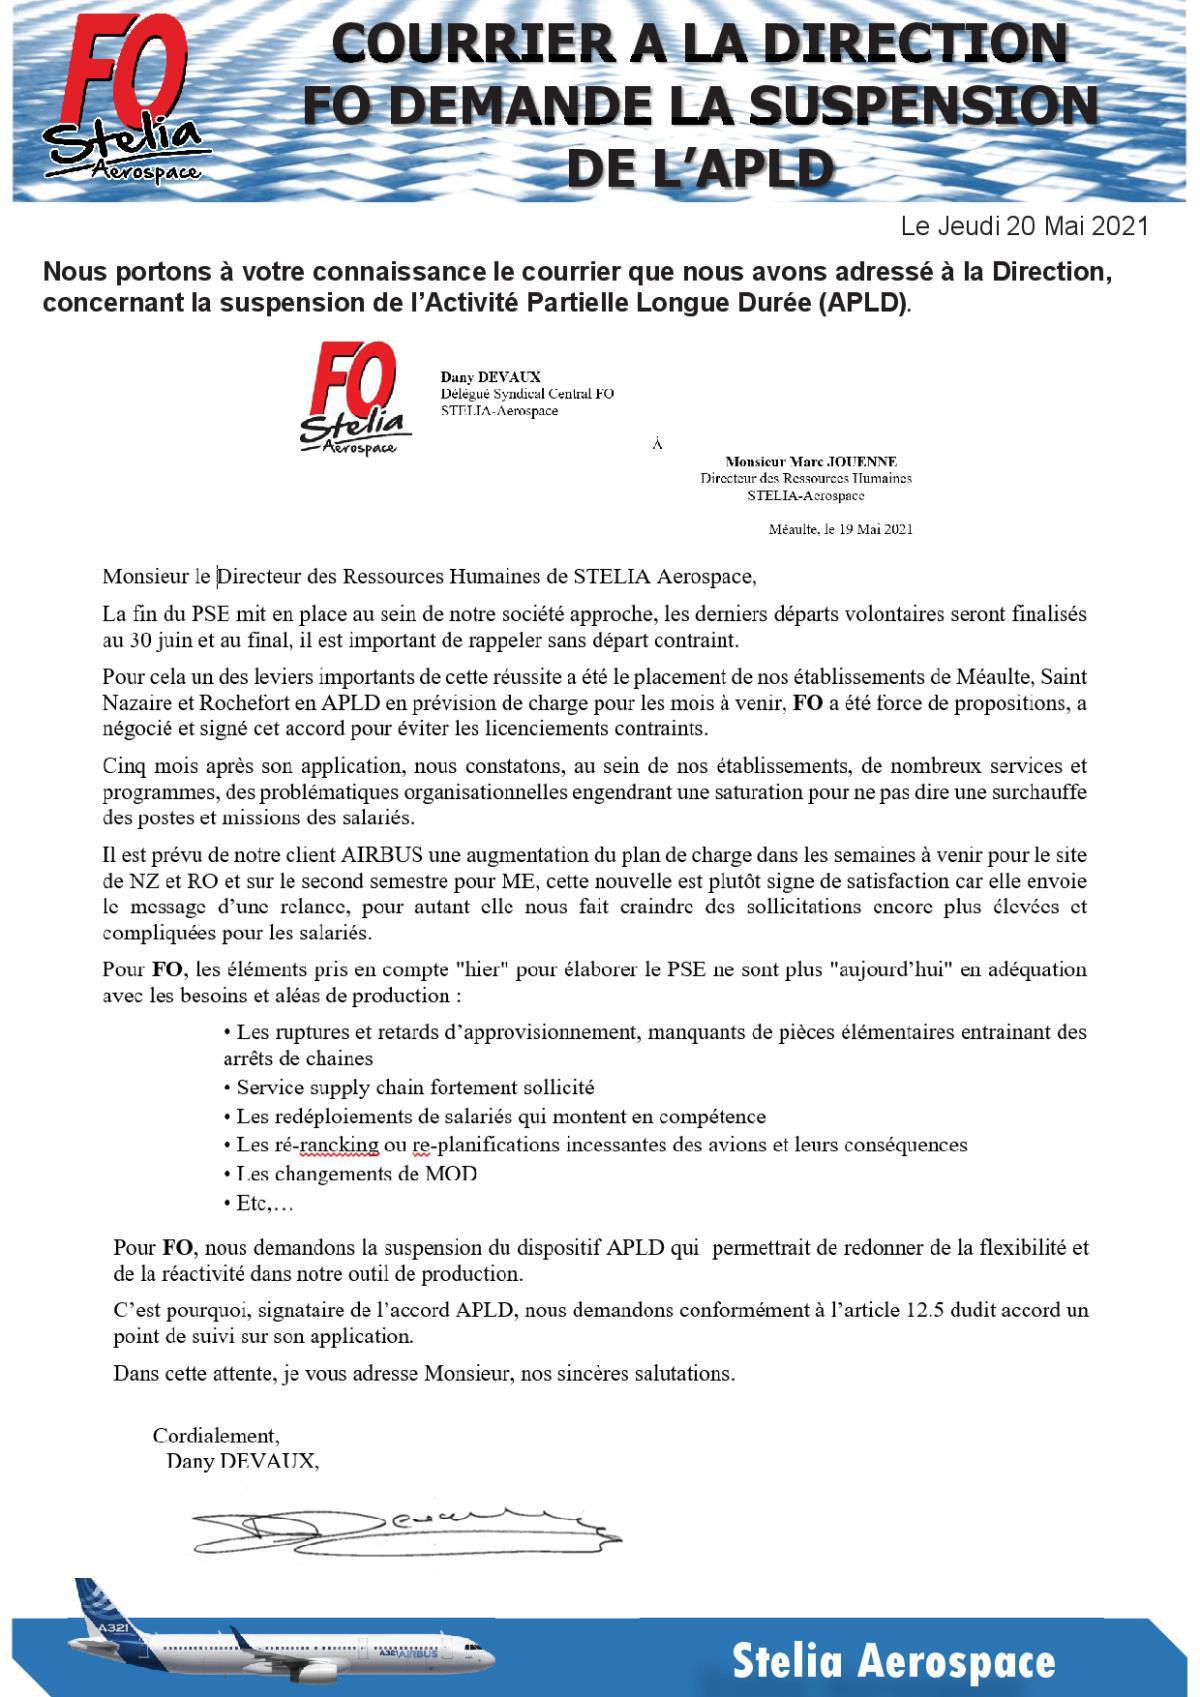 Courrier - FO demande la suspension de l'APLD